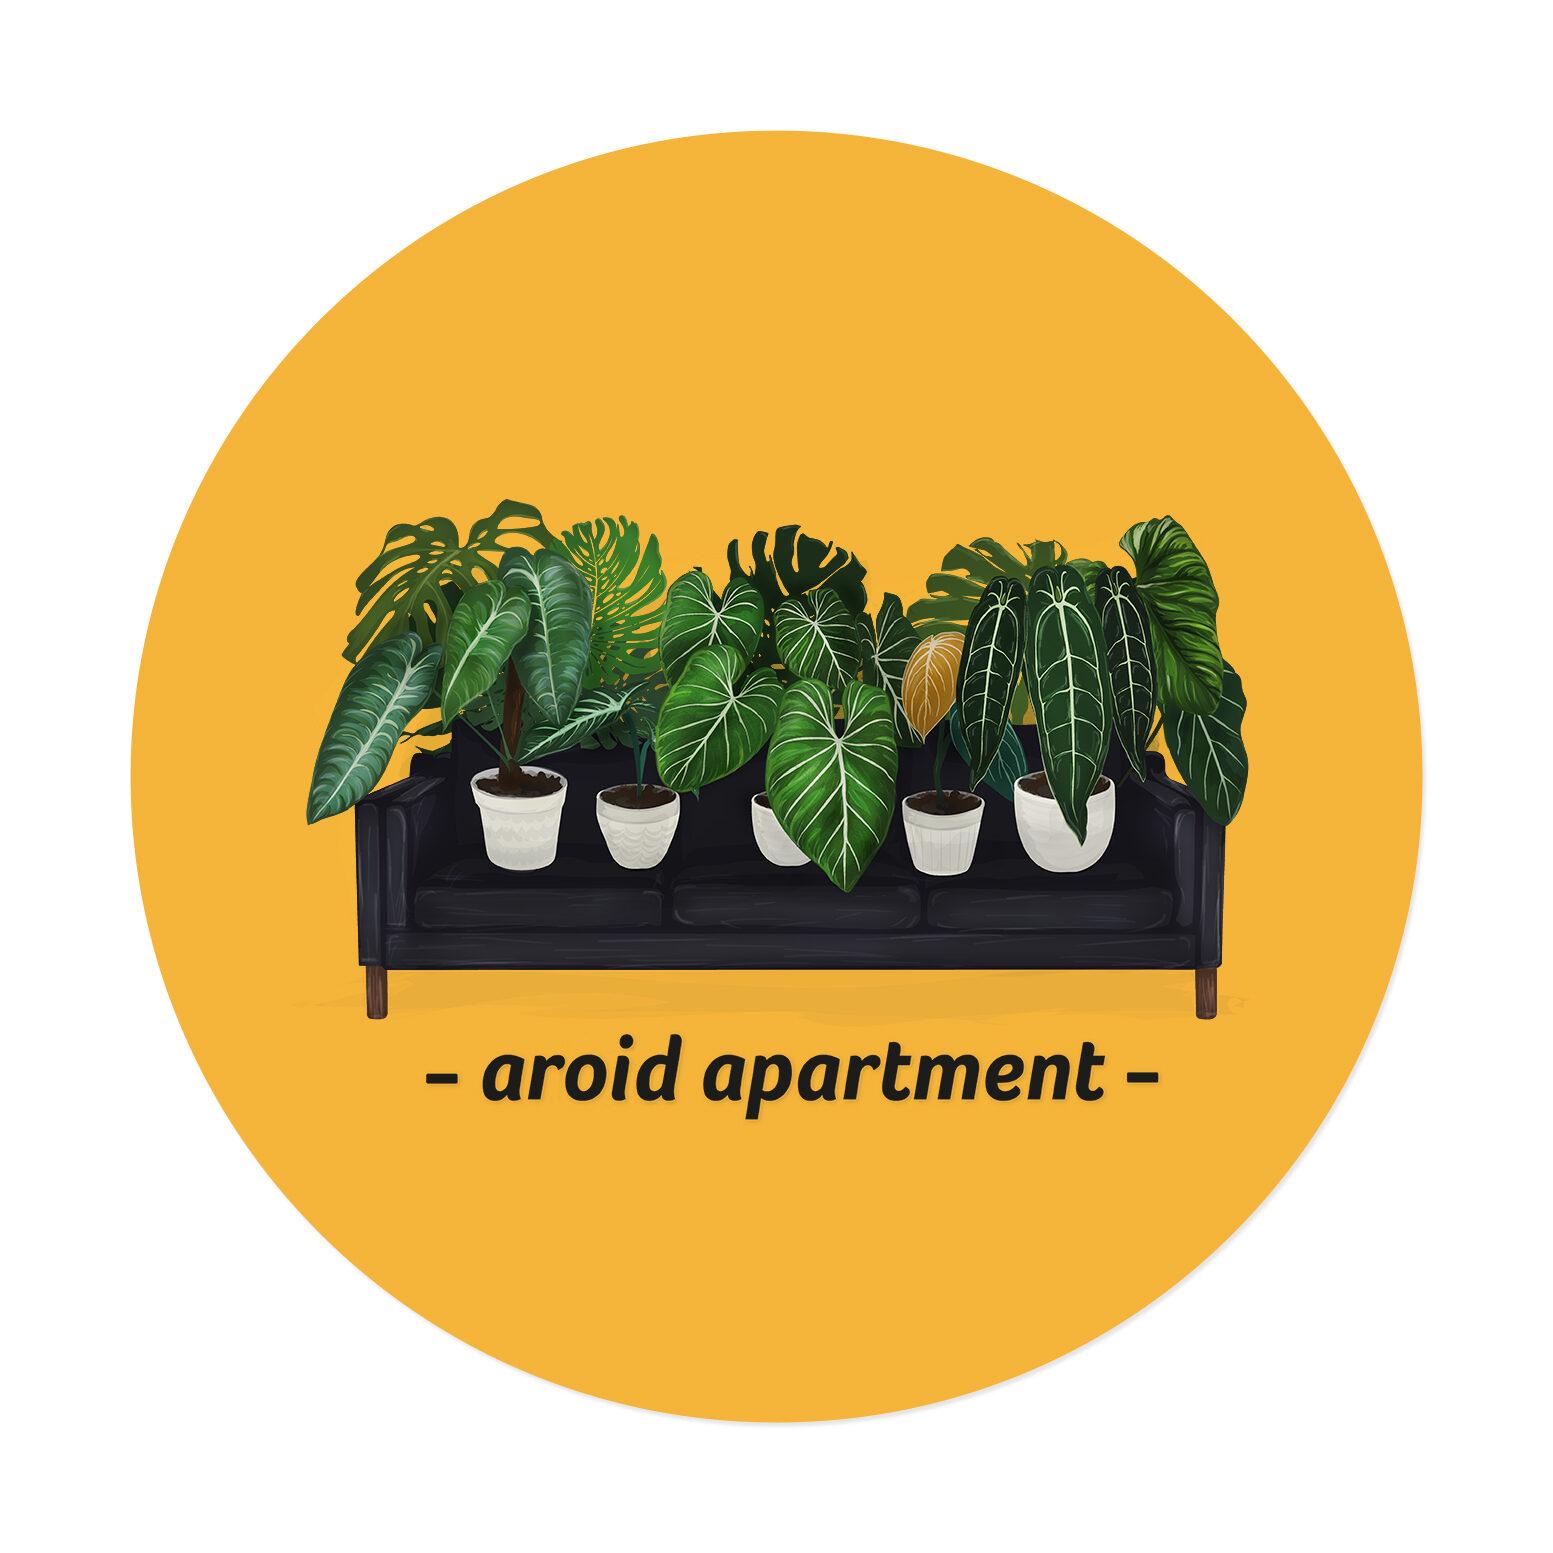 Aroid apartment